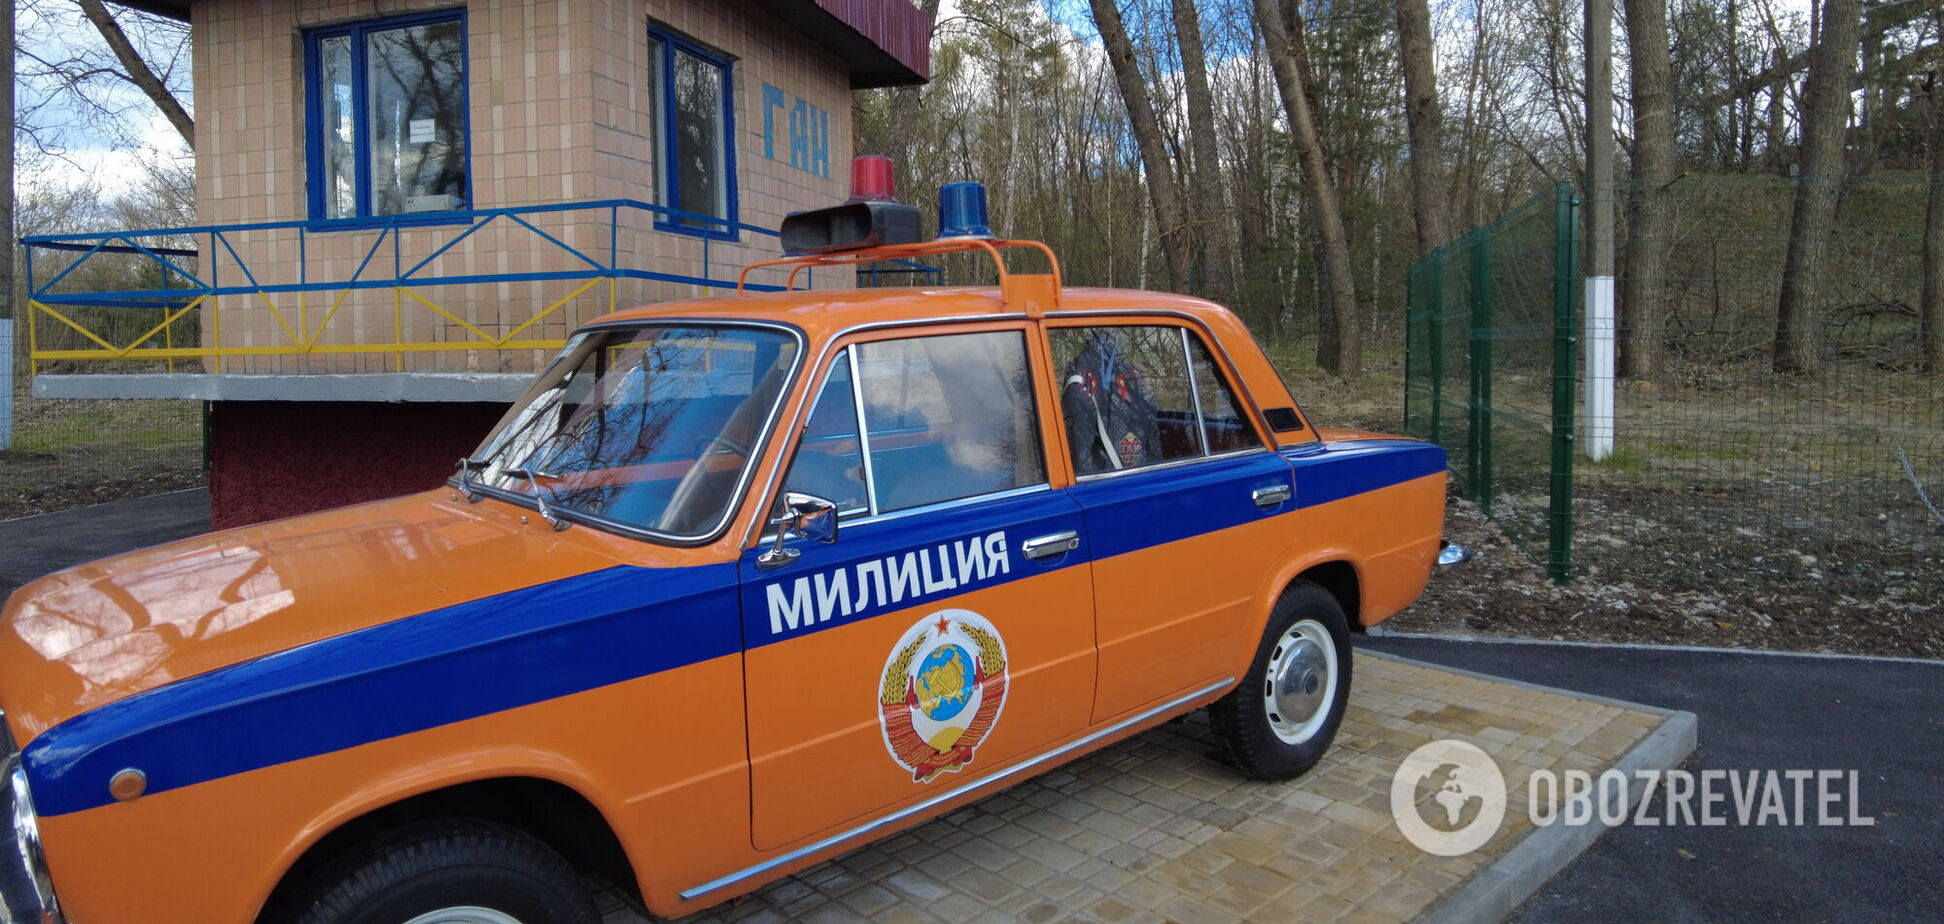 ''Відійшли на кілька хвилин'': у Чорнобилі реконструювали пост ДАІ